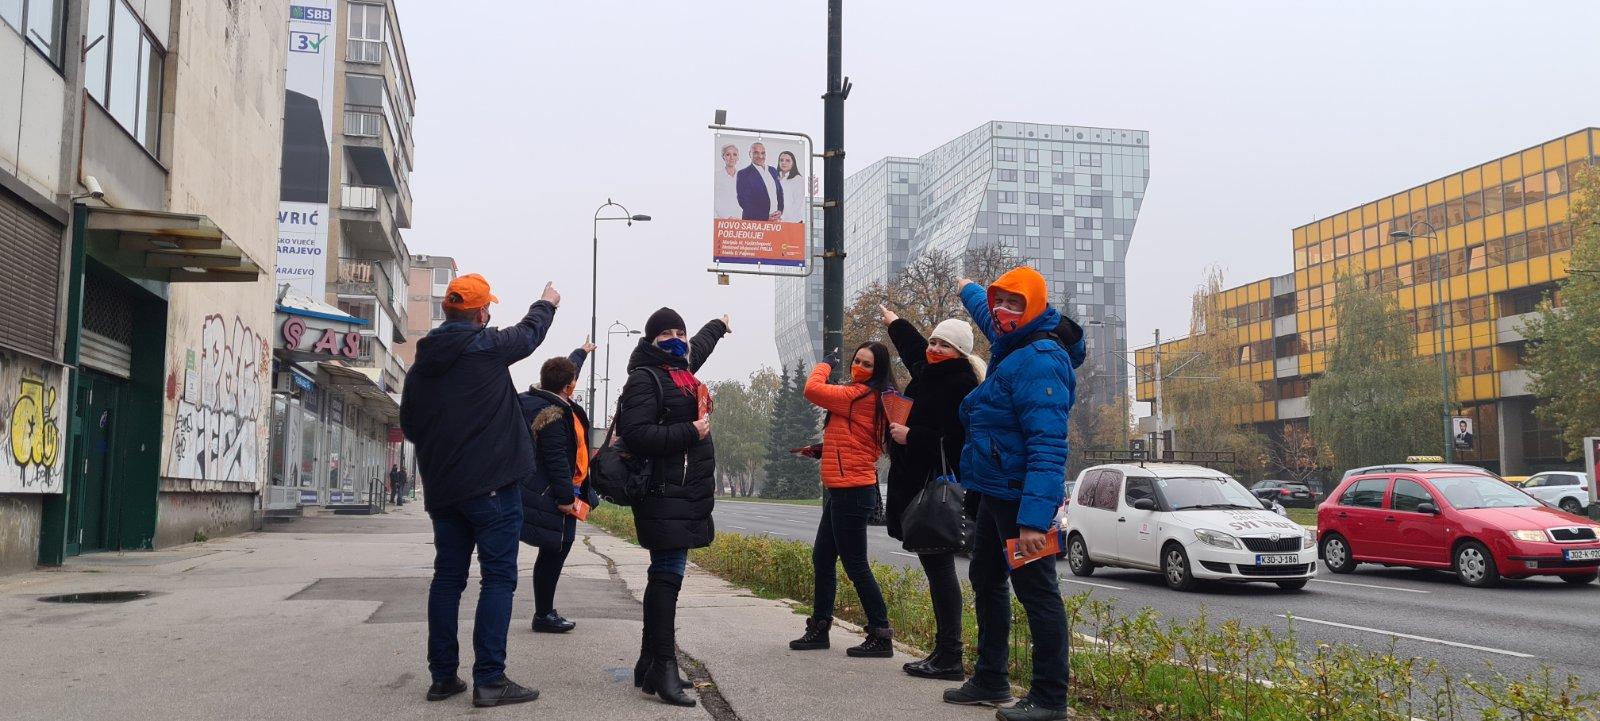 Današnjom šetnjom općinom Novo Sarajevo Koalicija DF – GS završila svoje predizborne aktivnosti